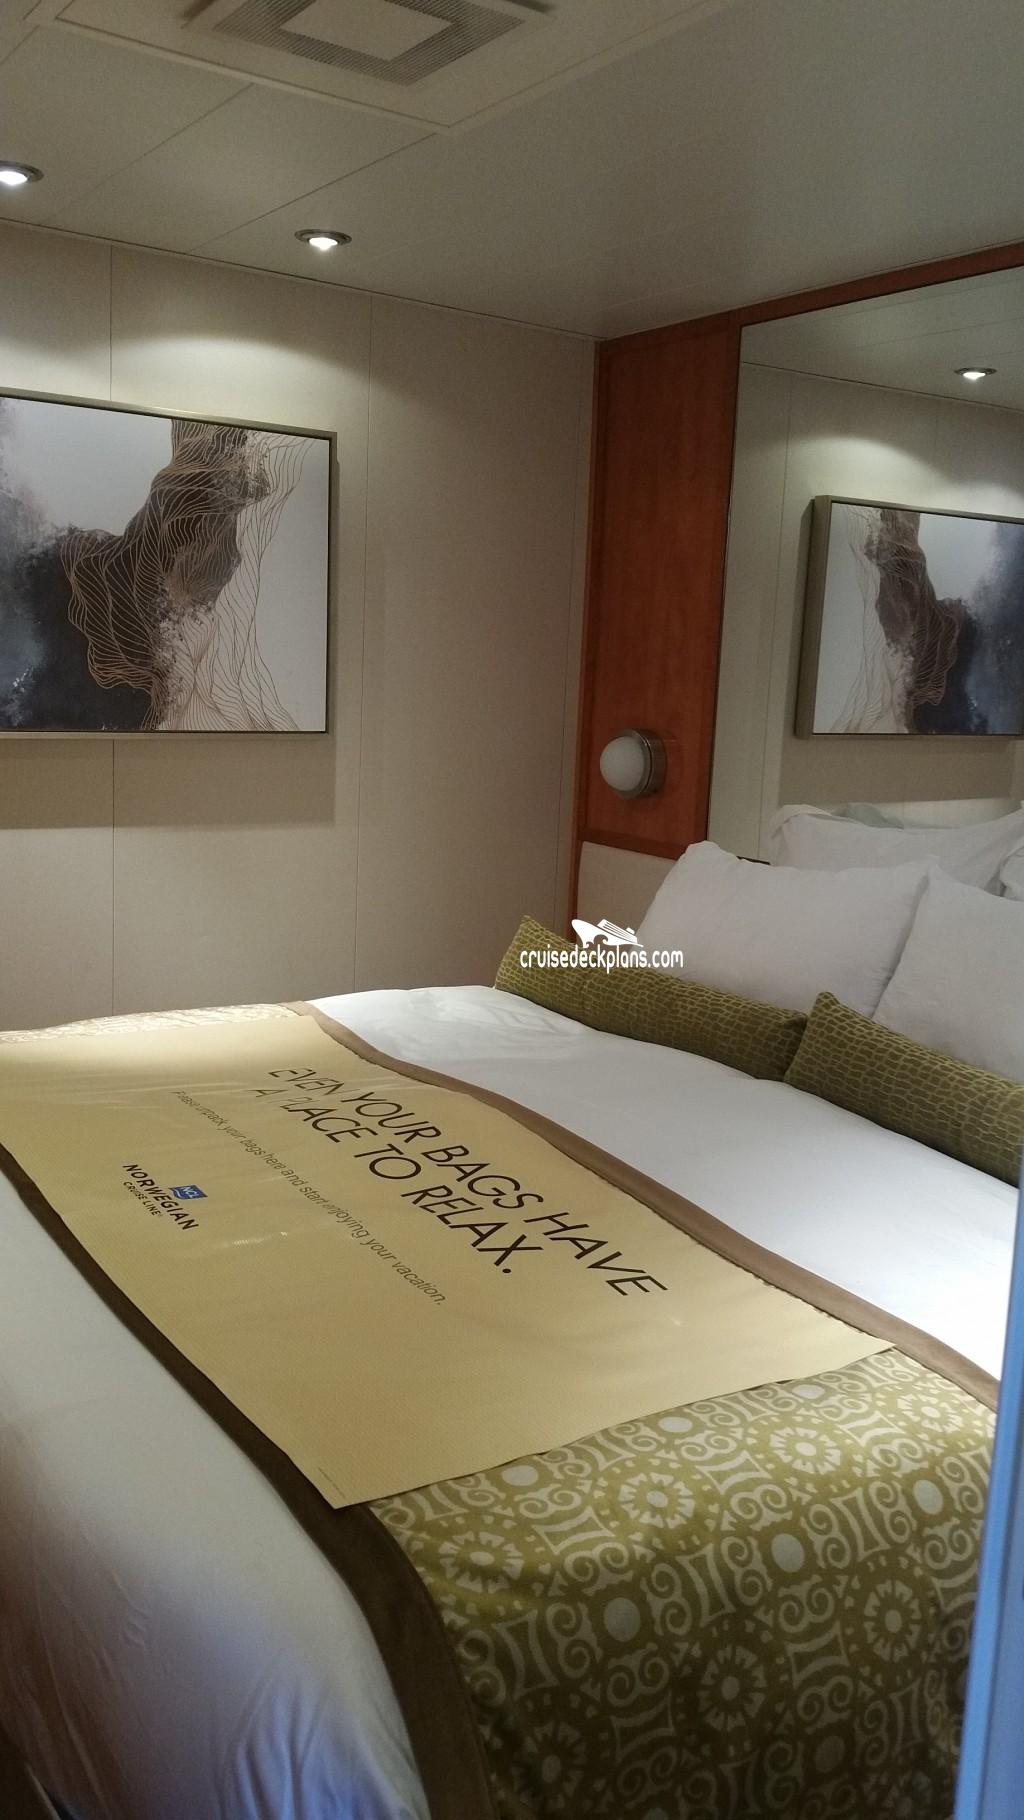 2 Bedroom Suites In Savannah Ga: Pride Of America 2-Bedroom Family Suite Stateroom